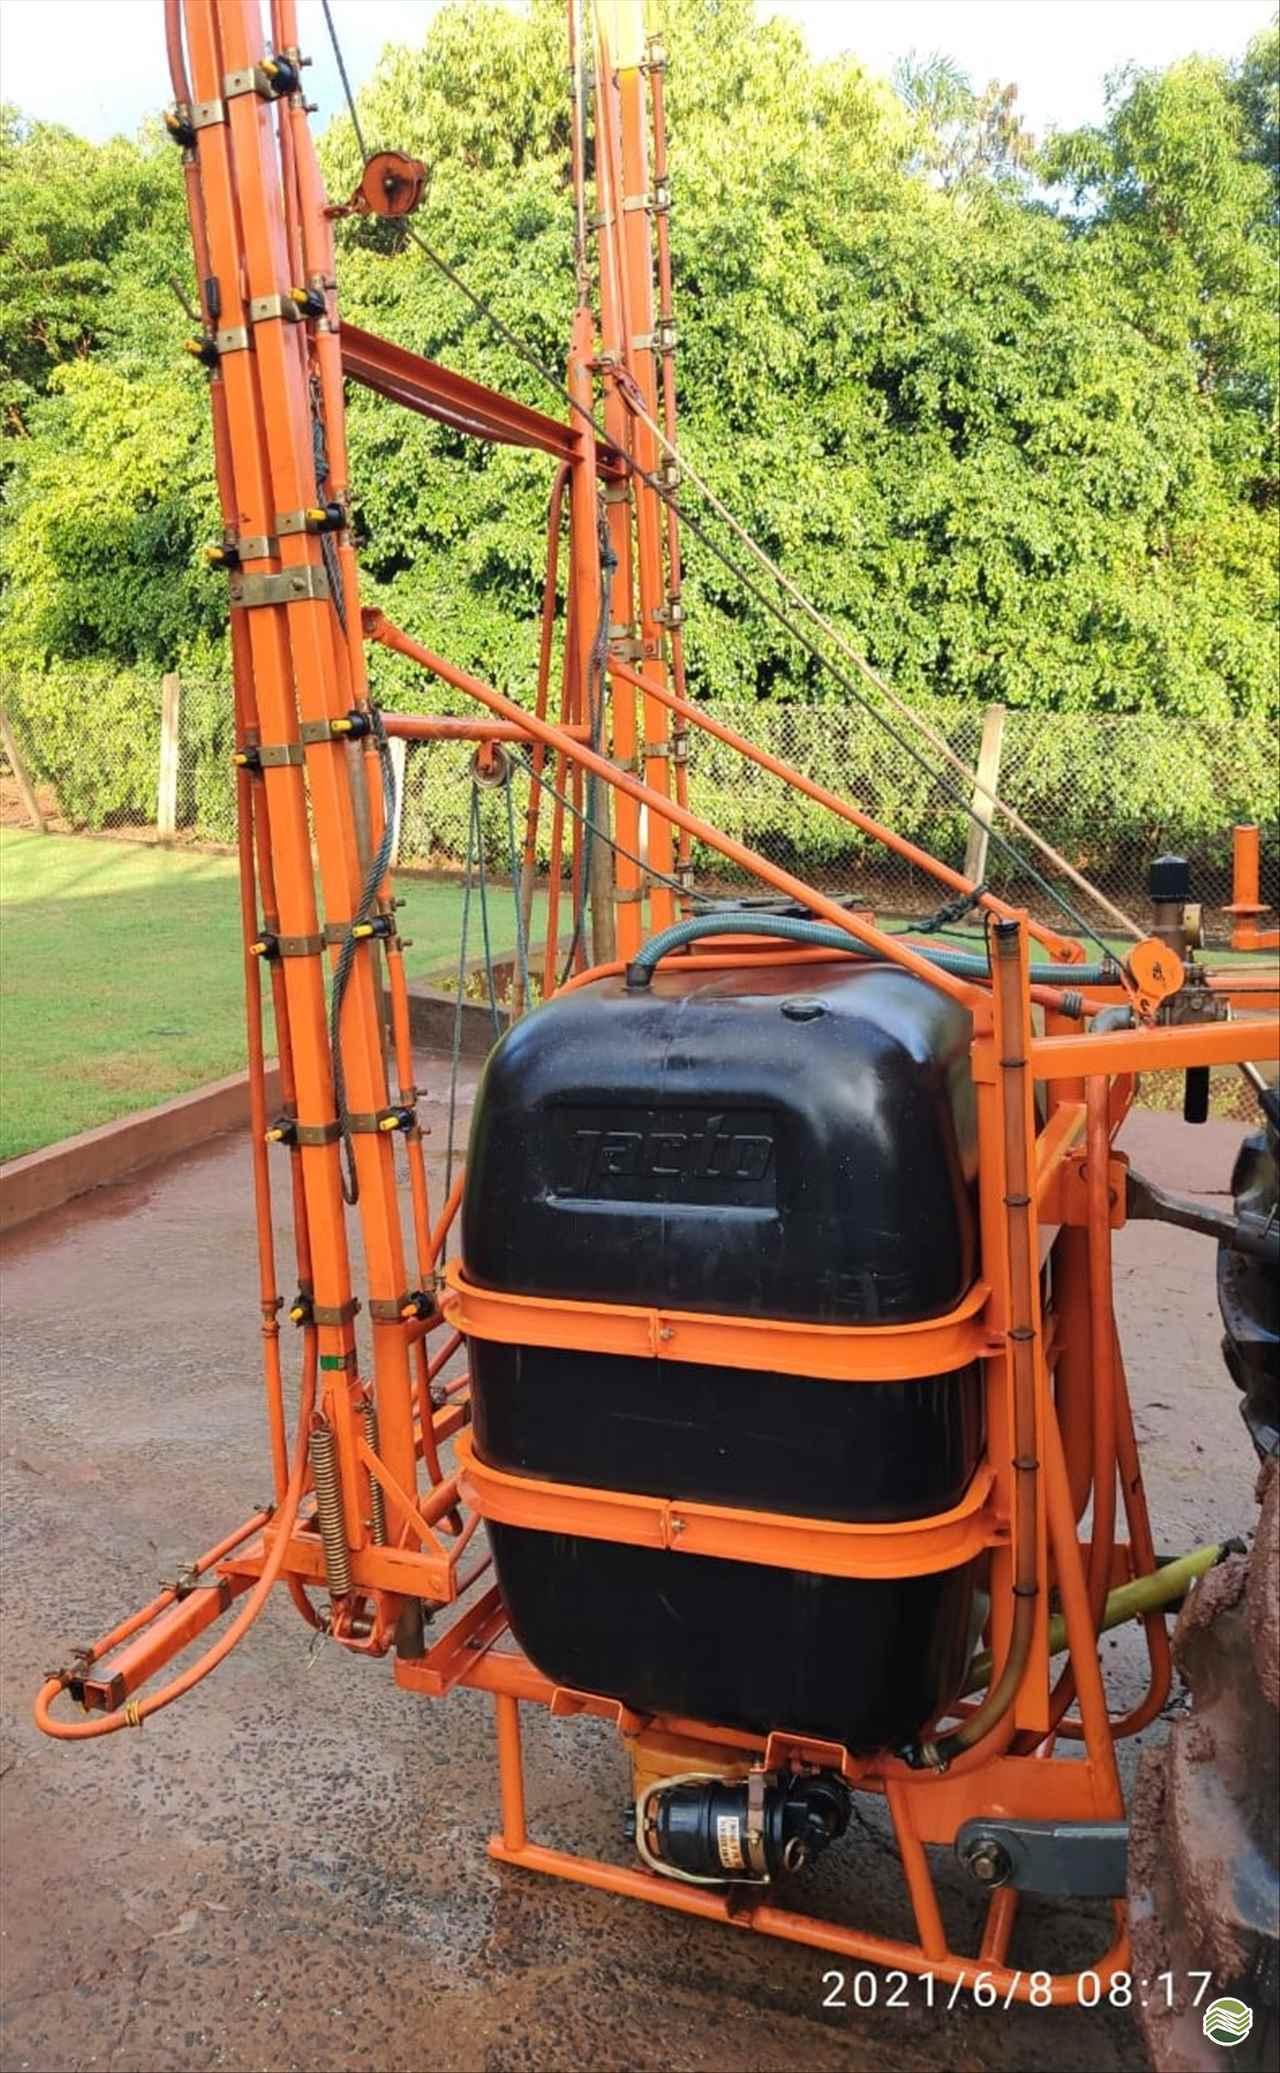 PULVERIZADOR JACTO CONDOR 600 AM12 Acoplado Hidráulico Rural Vendas TERRA ROXA PARANÁ PR